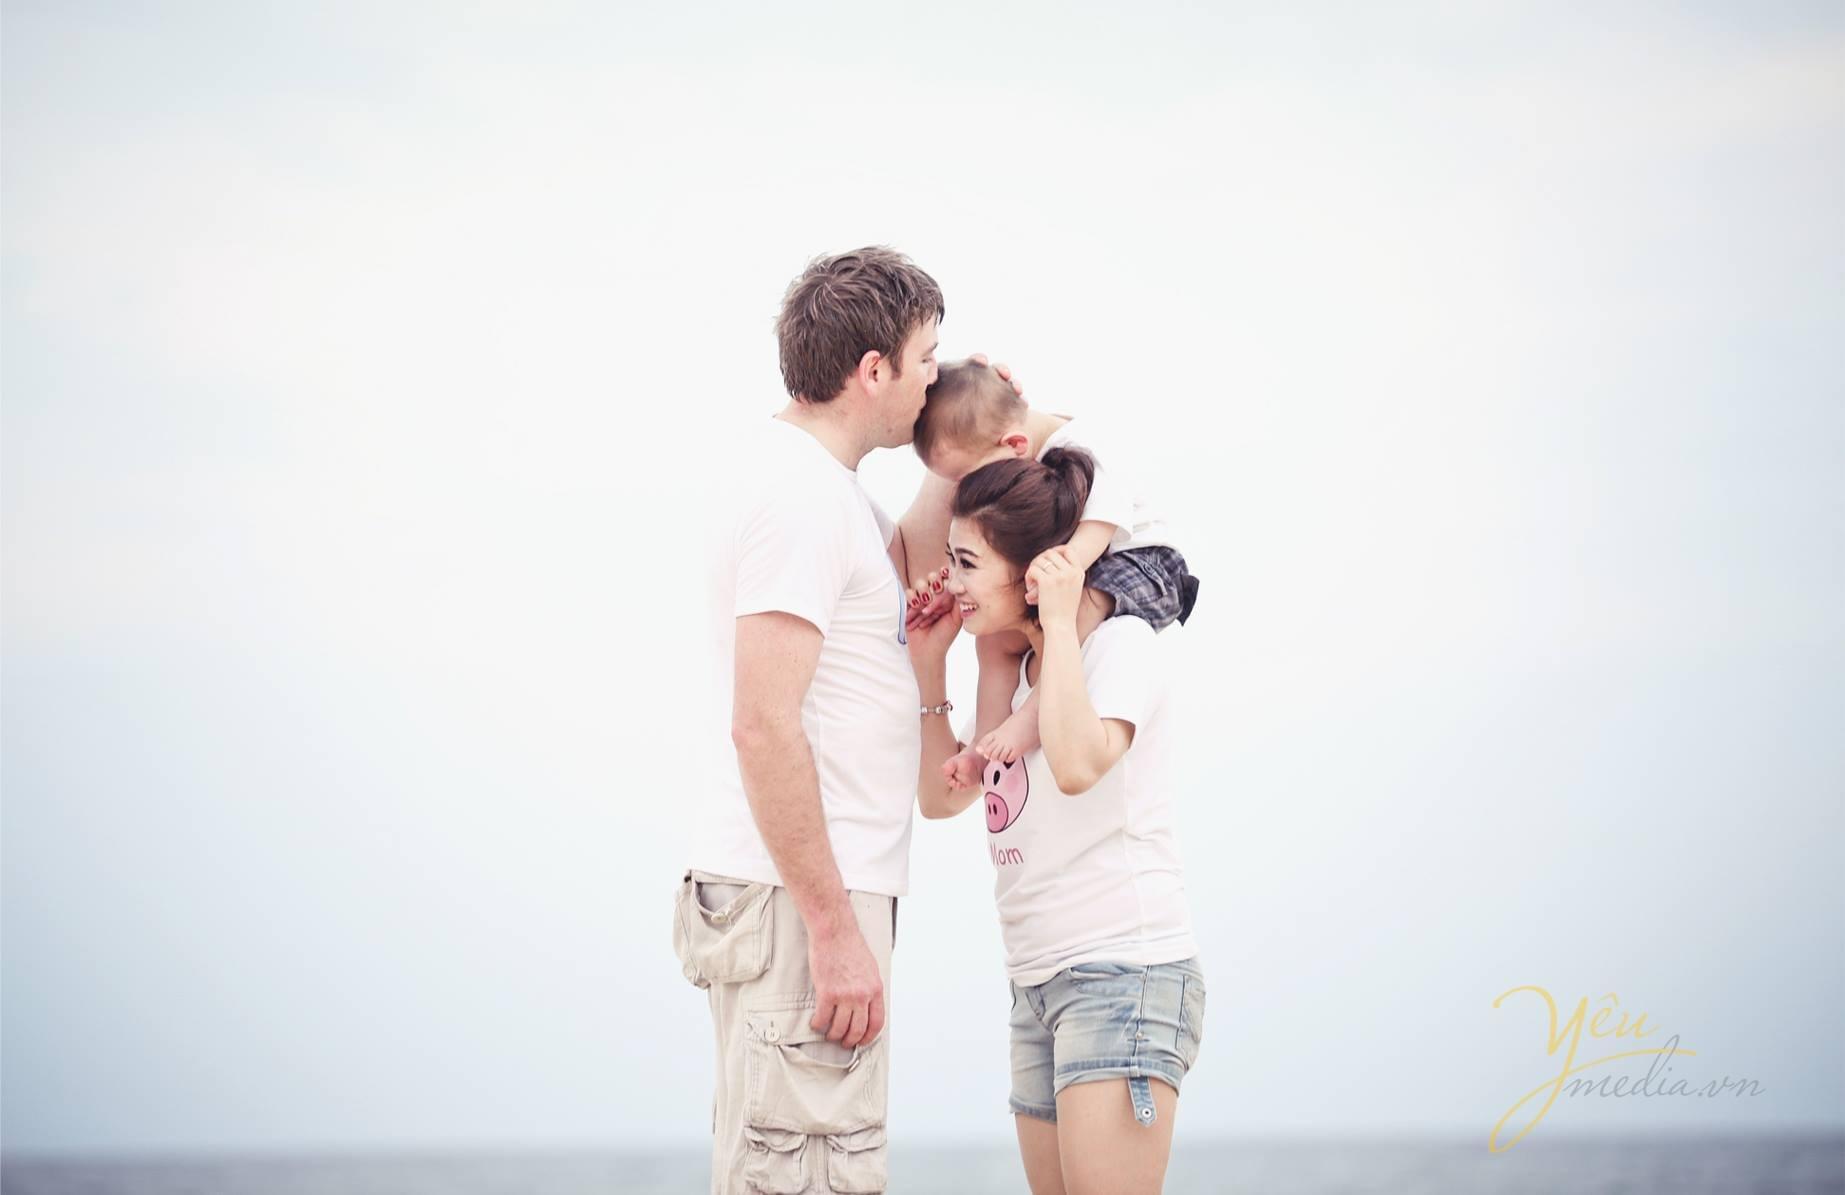 ảnh chụp gia đình vui chơi tại biển kỷ niệm ngày cưới